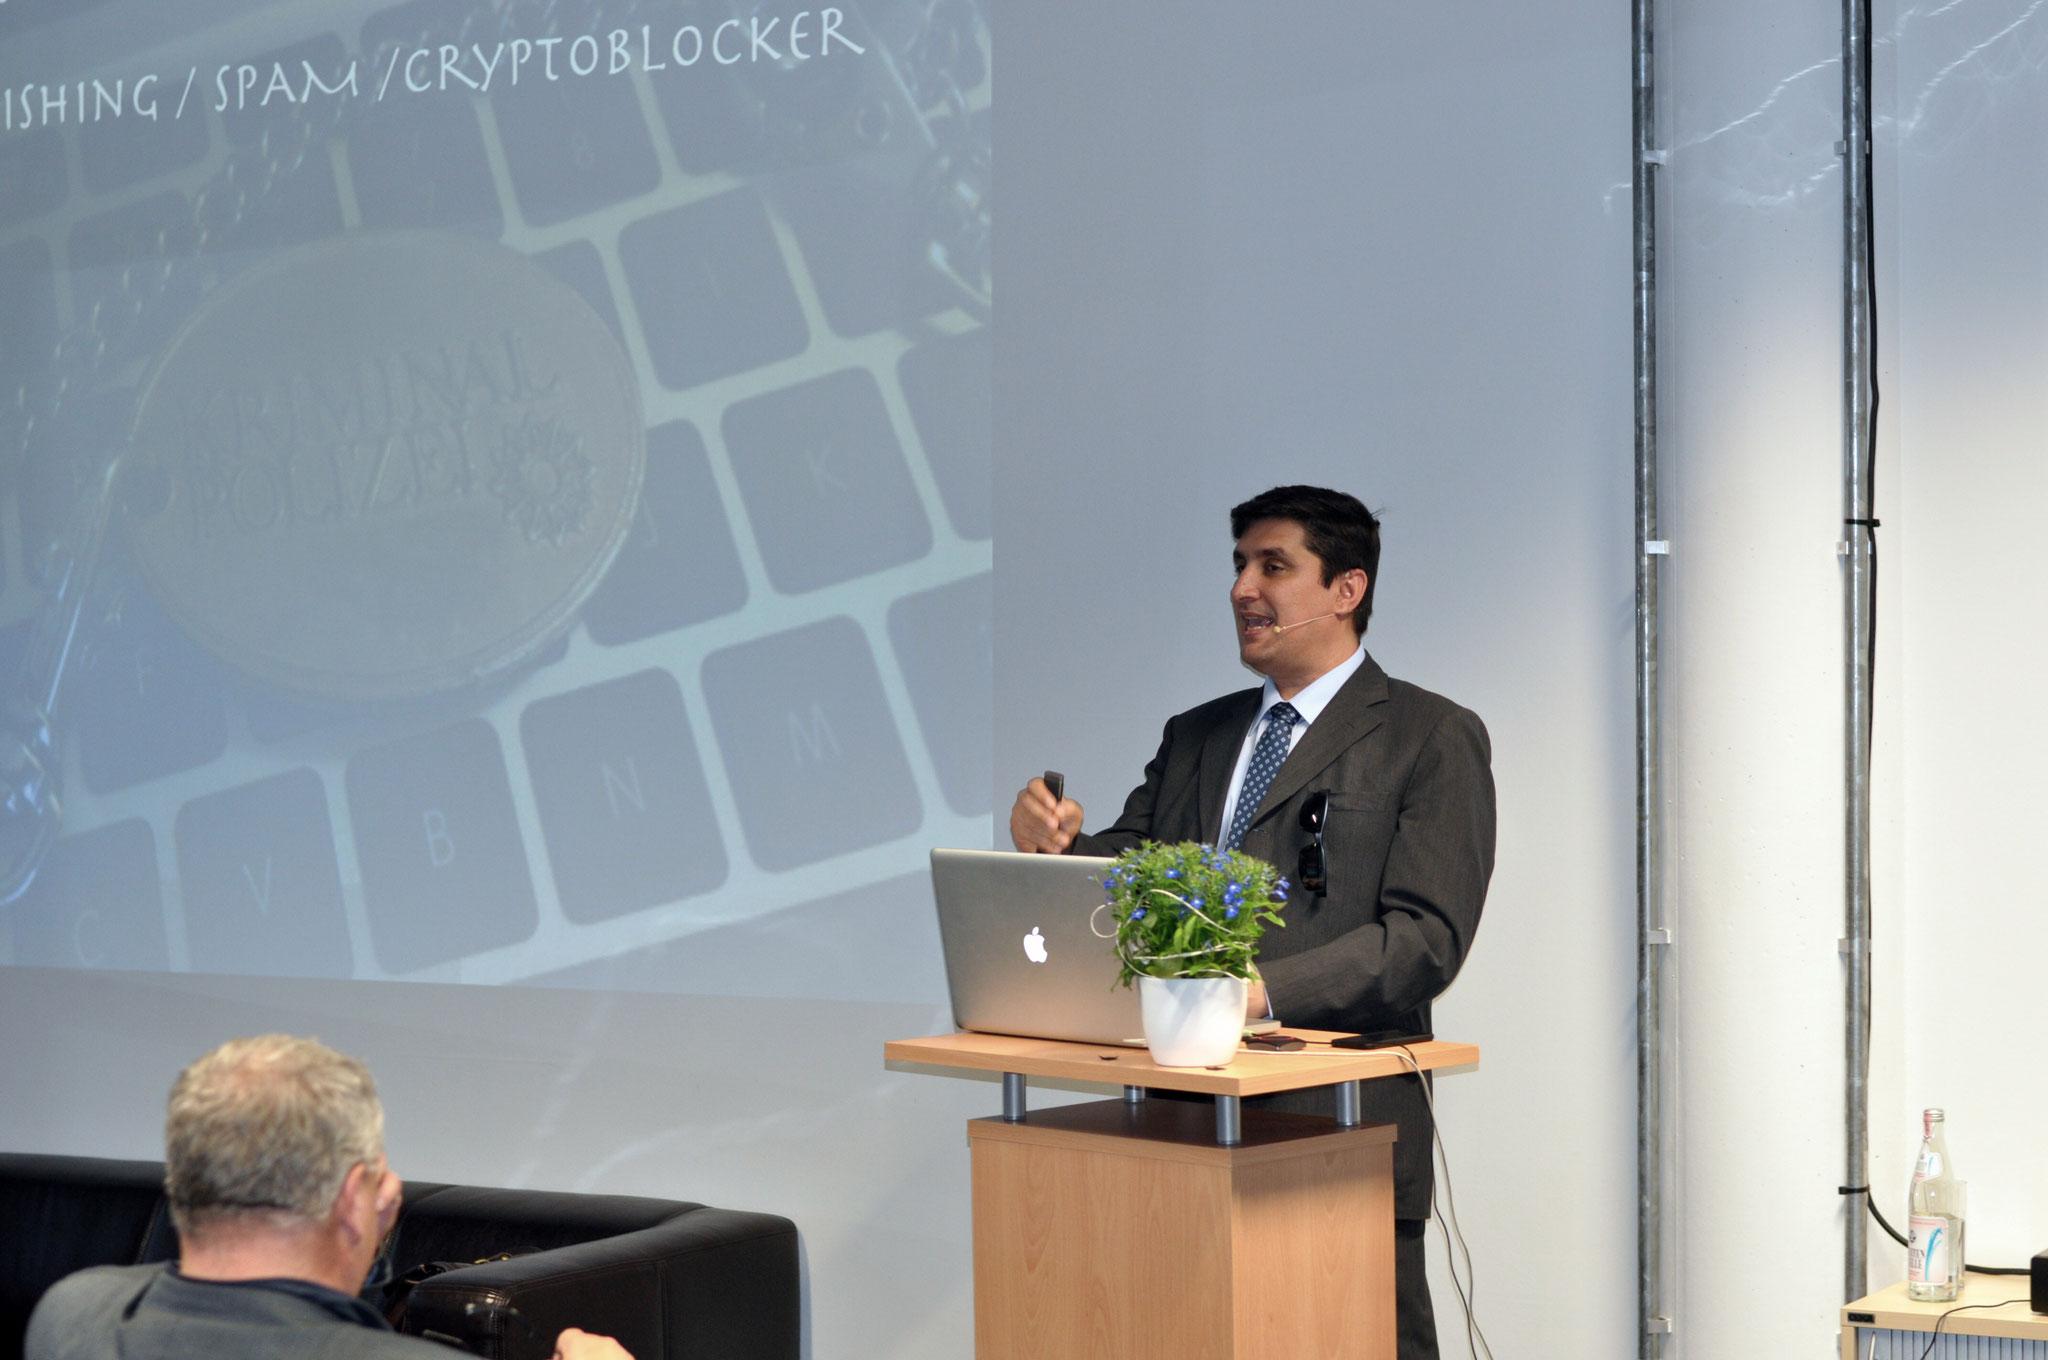 Herr Karakaya ist Experte für Internetkriminalität bei der Münchner Polizei und gefragter Dozent auf diesem Gebiet